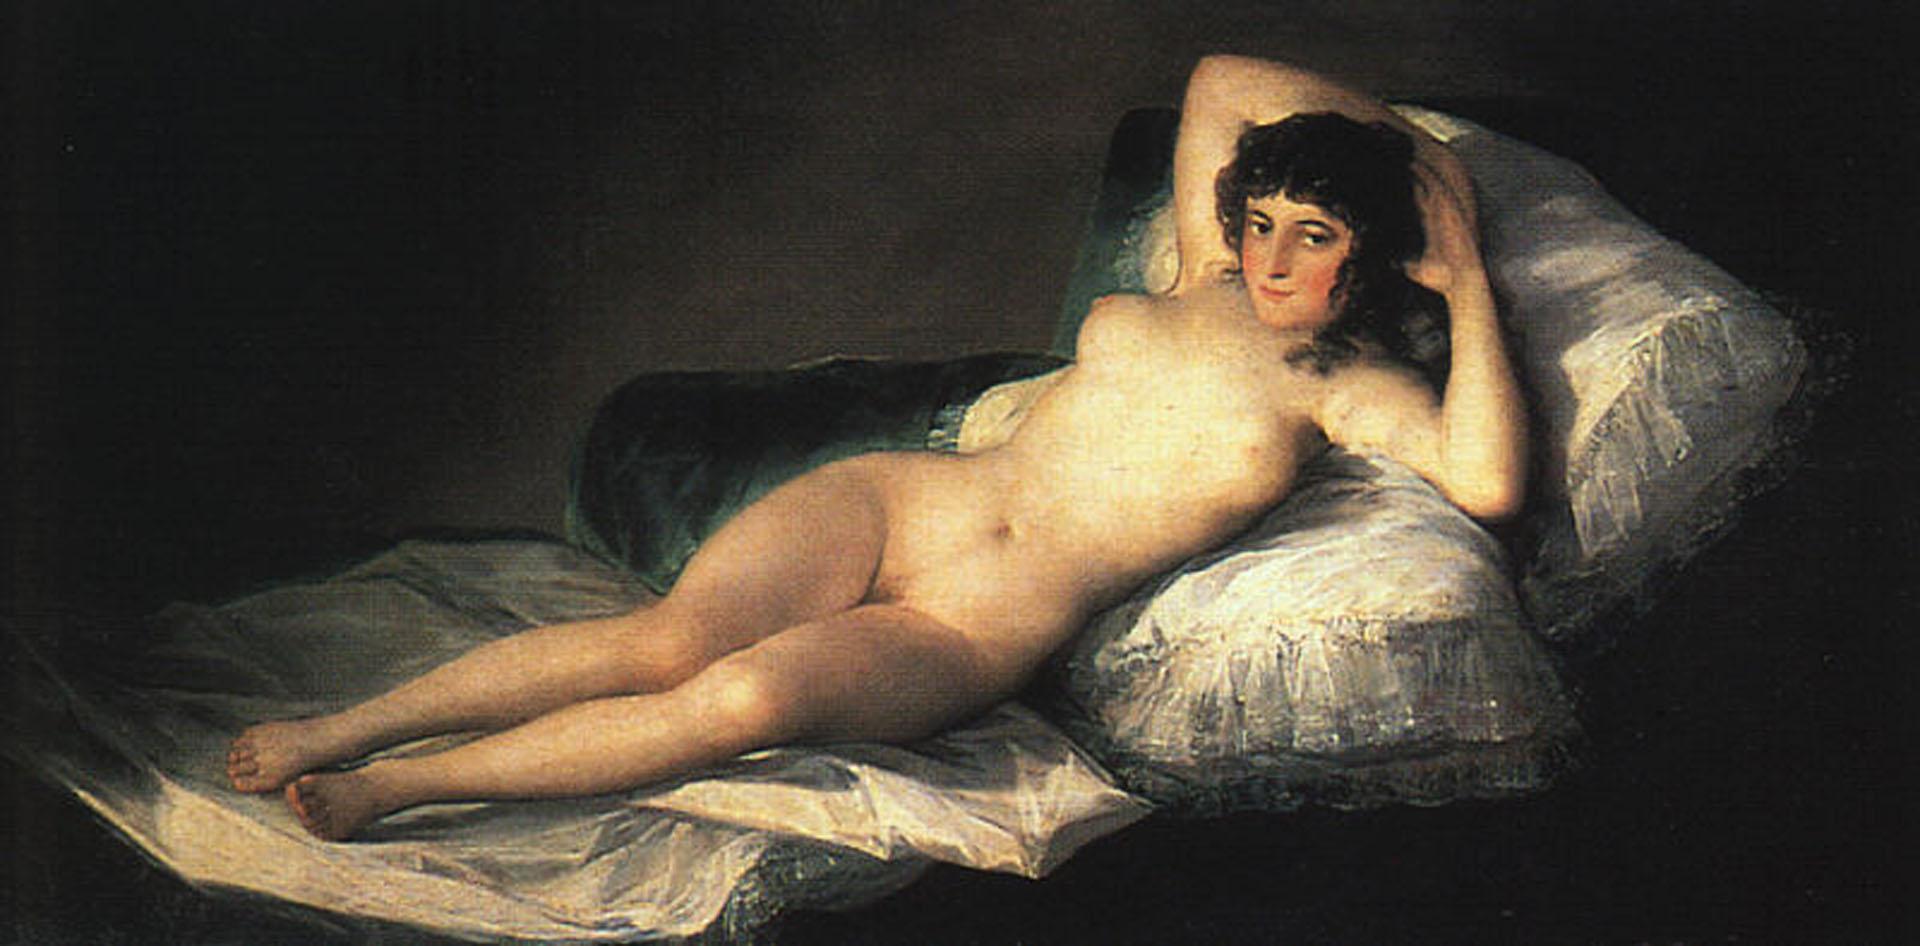 Nude Maja, Francisco Goya, 1800